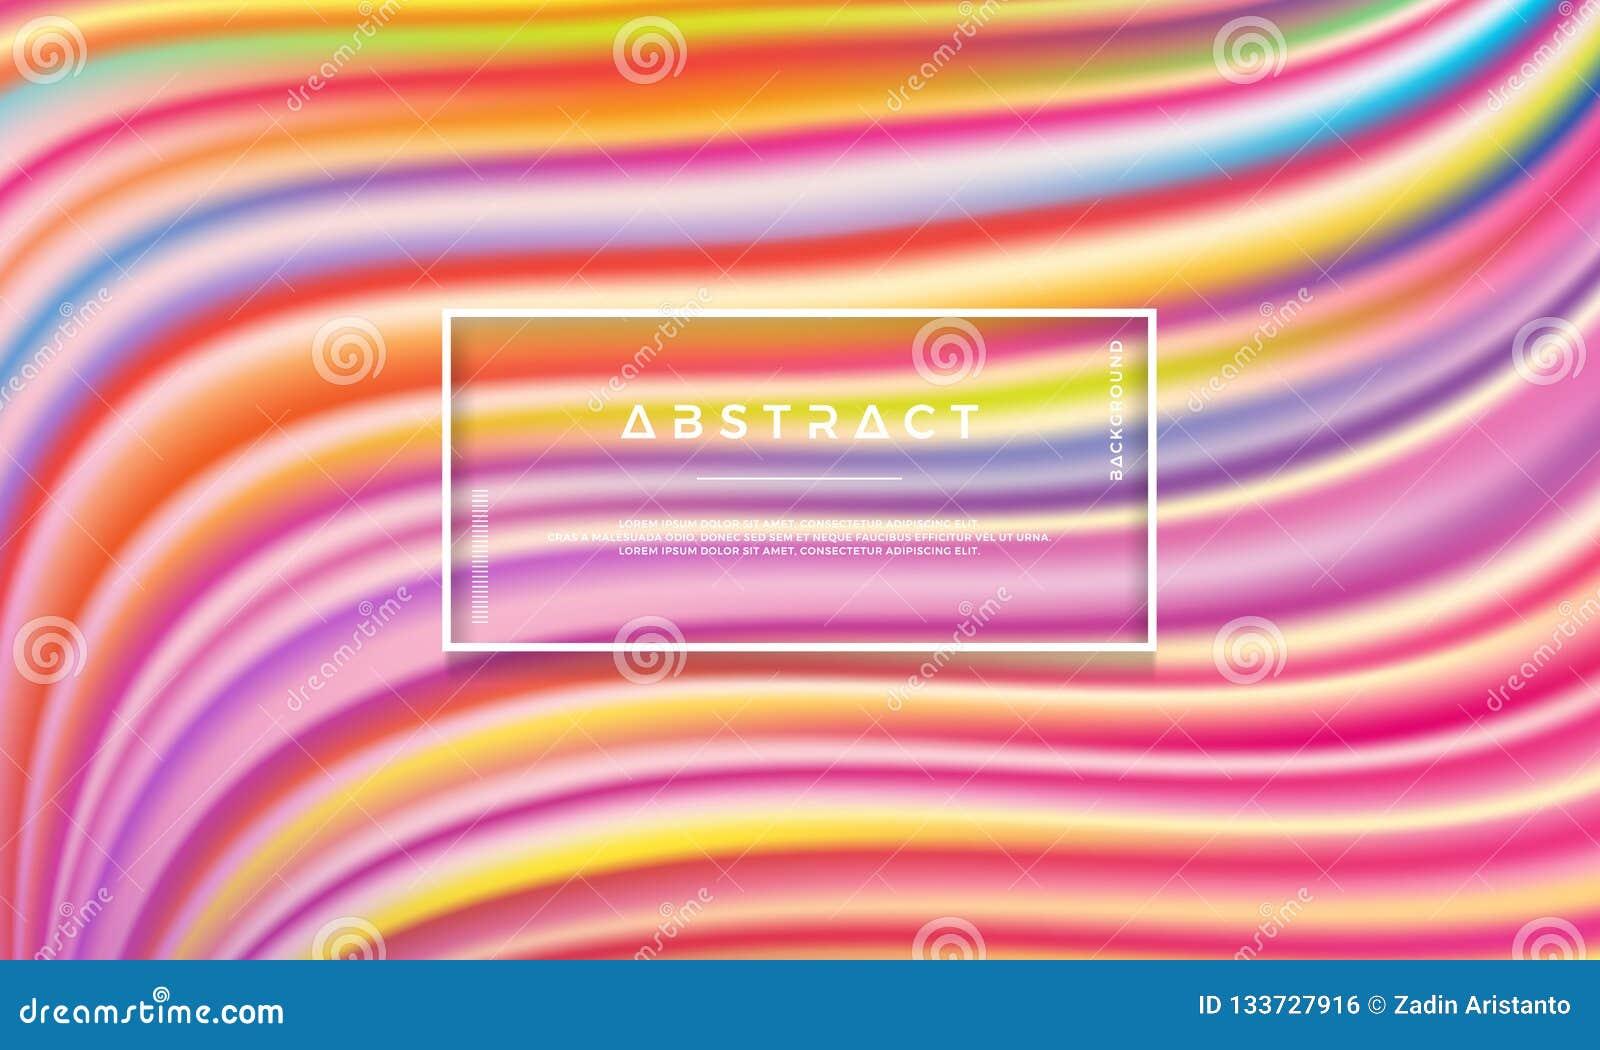 De moderne kleurrijke abstracte achtergrond is geschikt voor digitale achtergrond, behang, en anderen